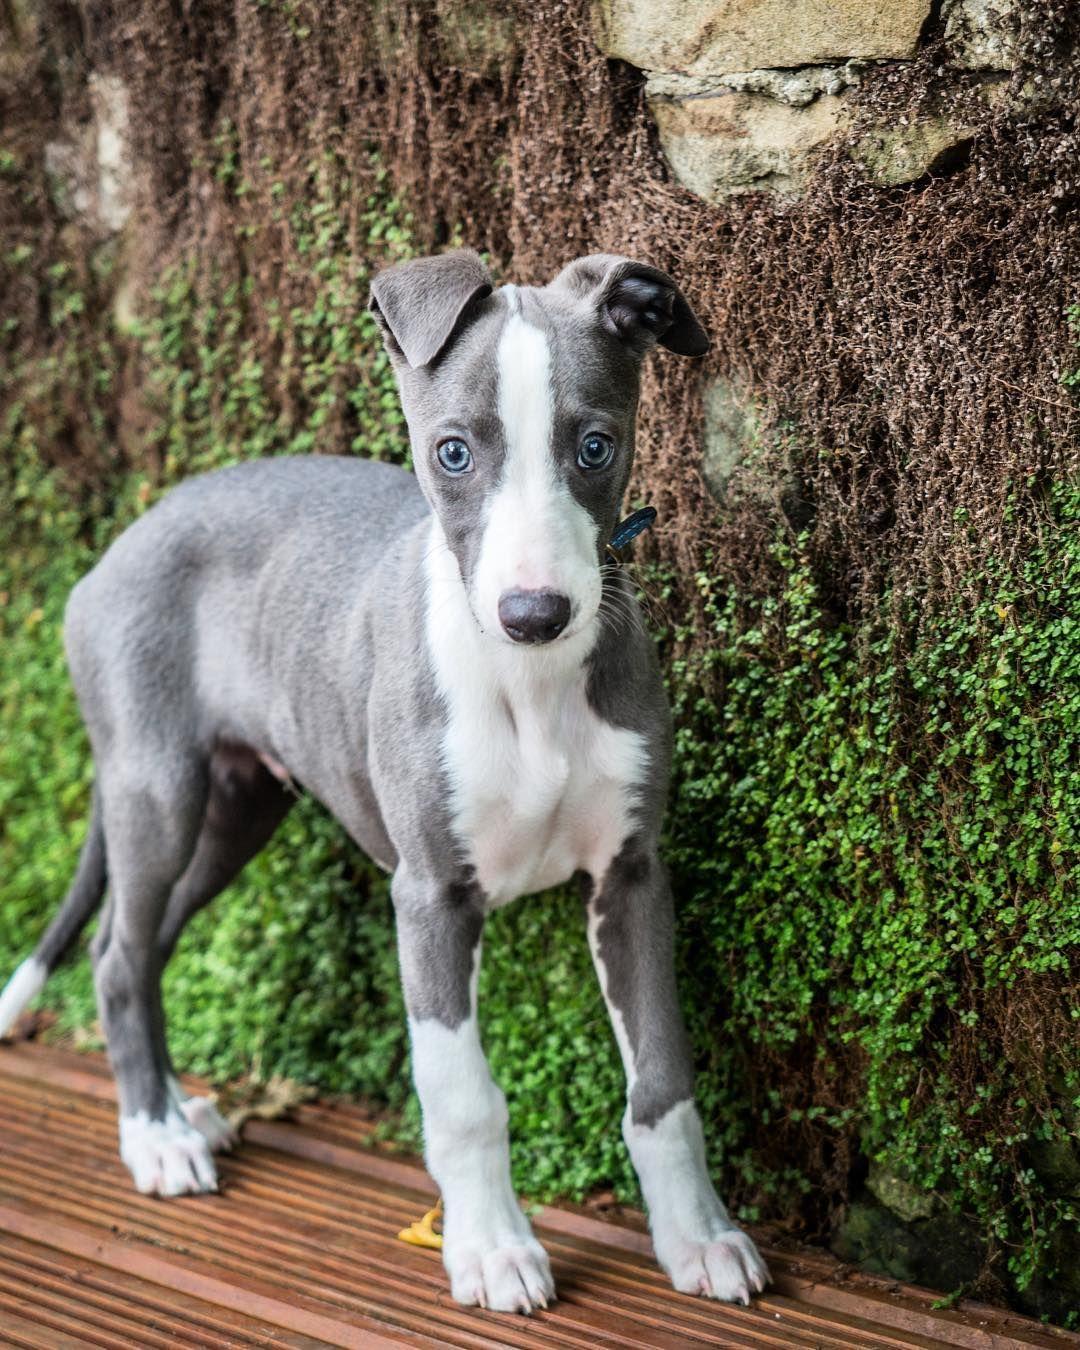 Blue Whippet Puppy Regram Via Whippet Named Blue Whippet Puppies Blue Whippet Whippet Dog